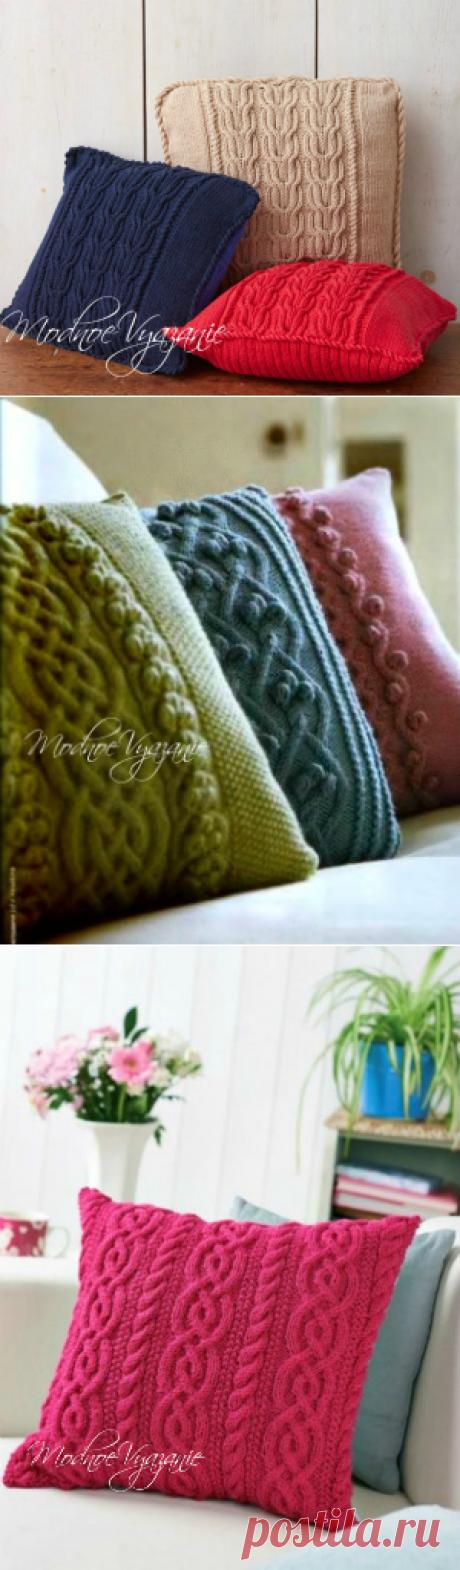 Подушка от Bernat вязаная спицами - Модное вязание